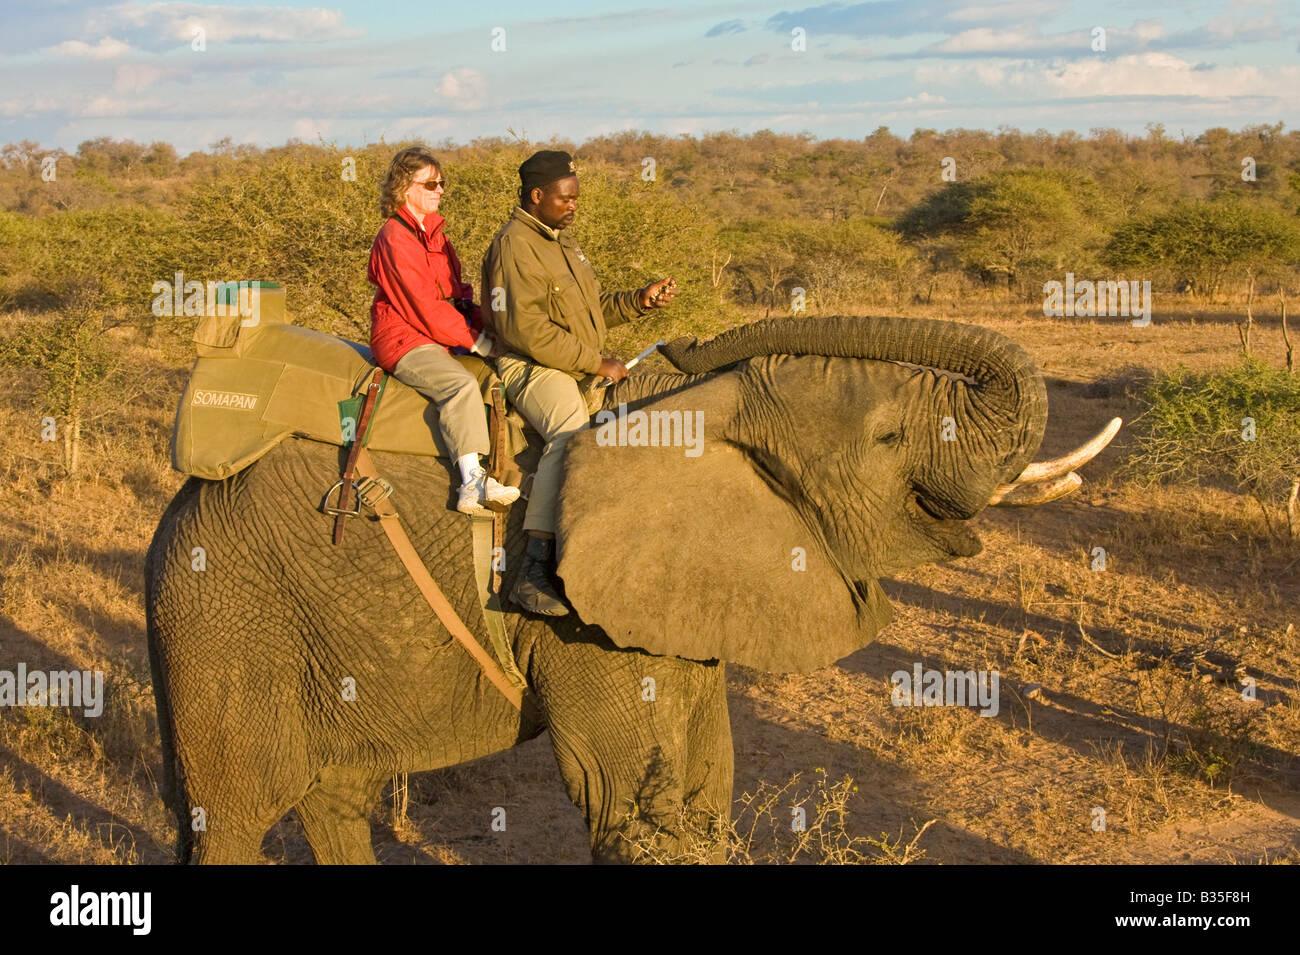 Elephant Safari ride en Camp Jabulani exclusivo juego de safari park, cerca de Hoedspruit Sudáfrica Imagen De Stock